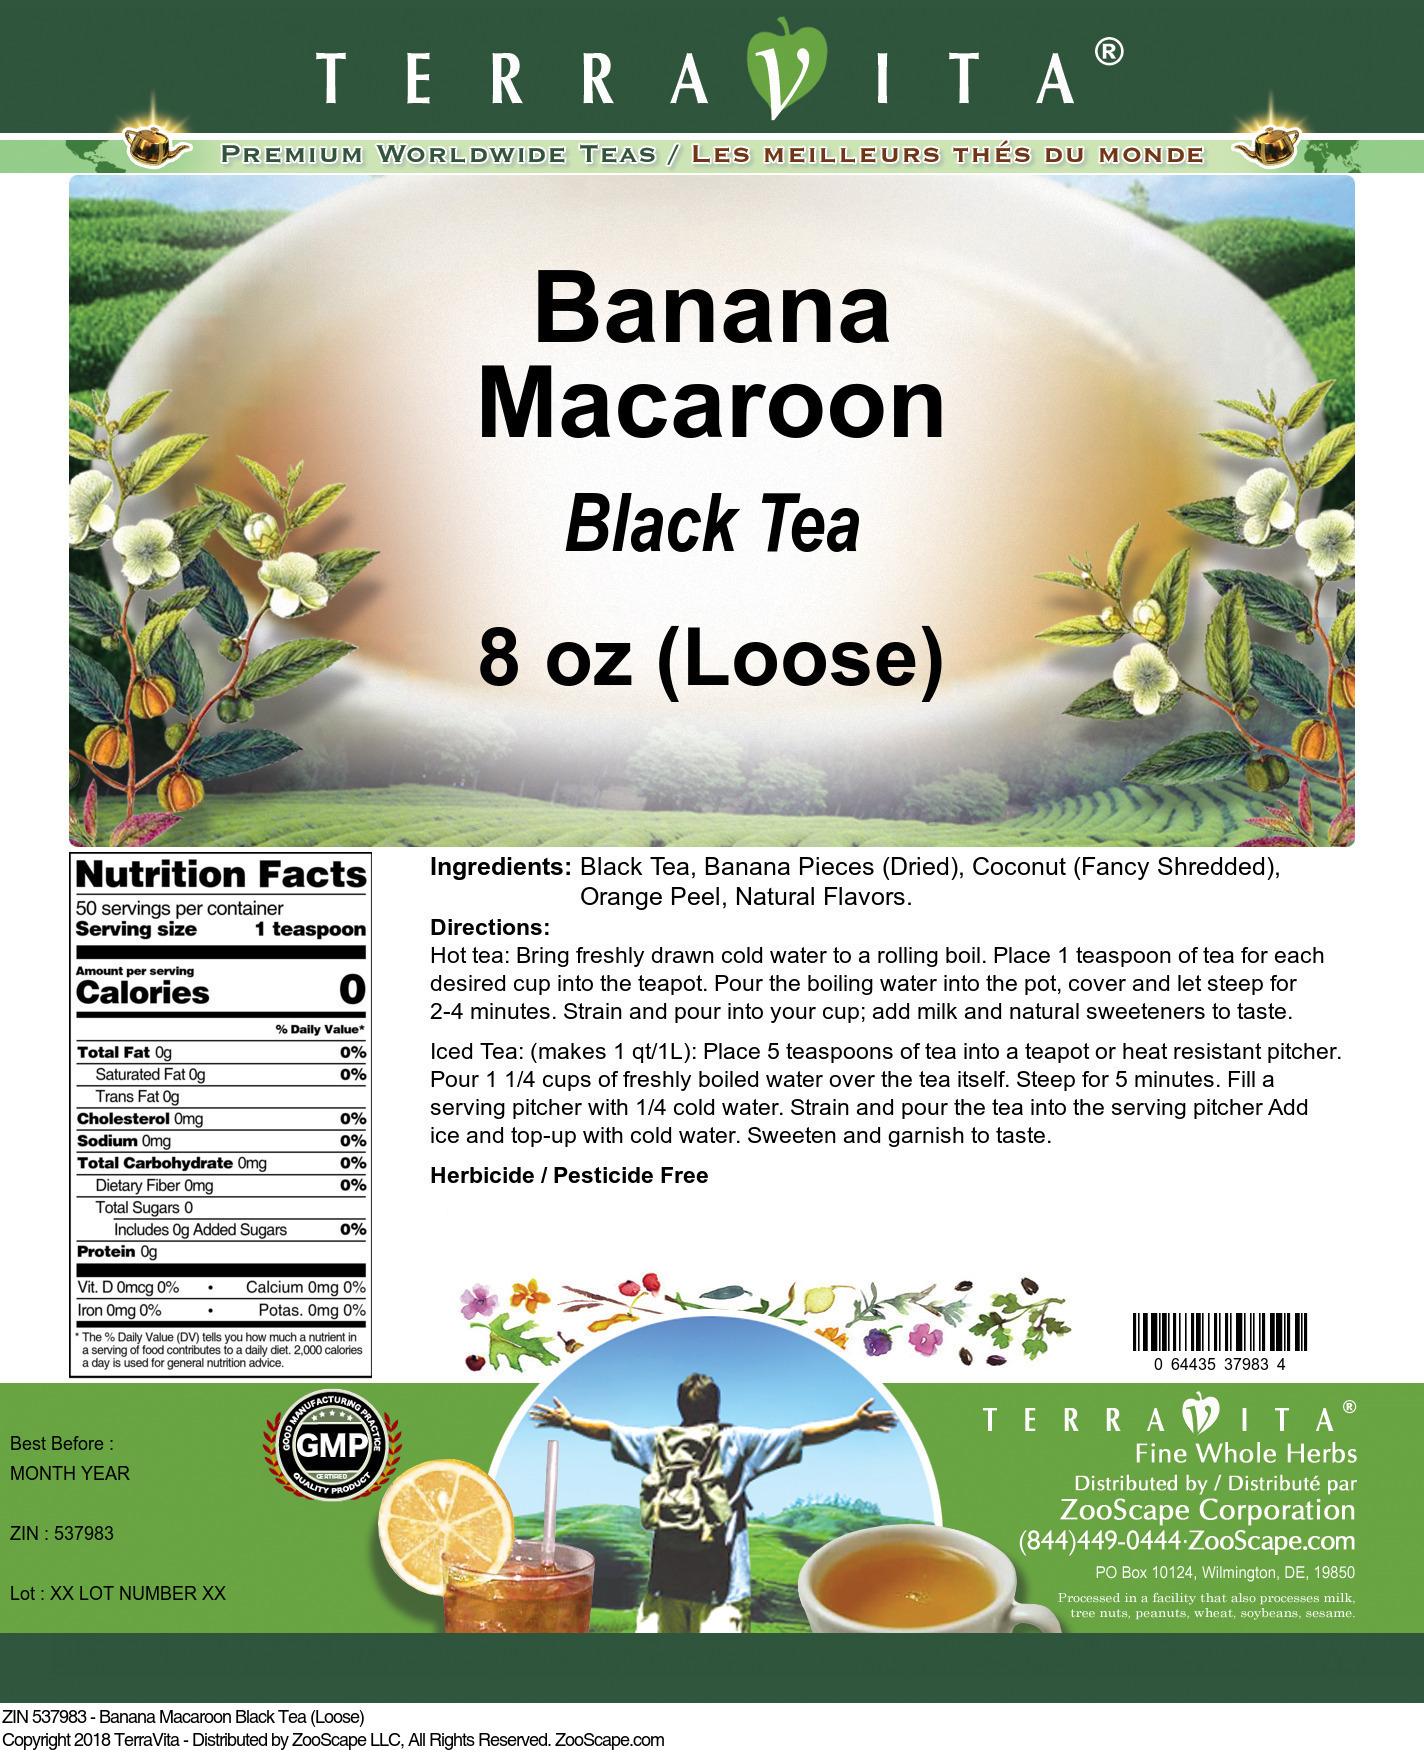 Banana Macaroon Black Tea (Loose)